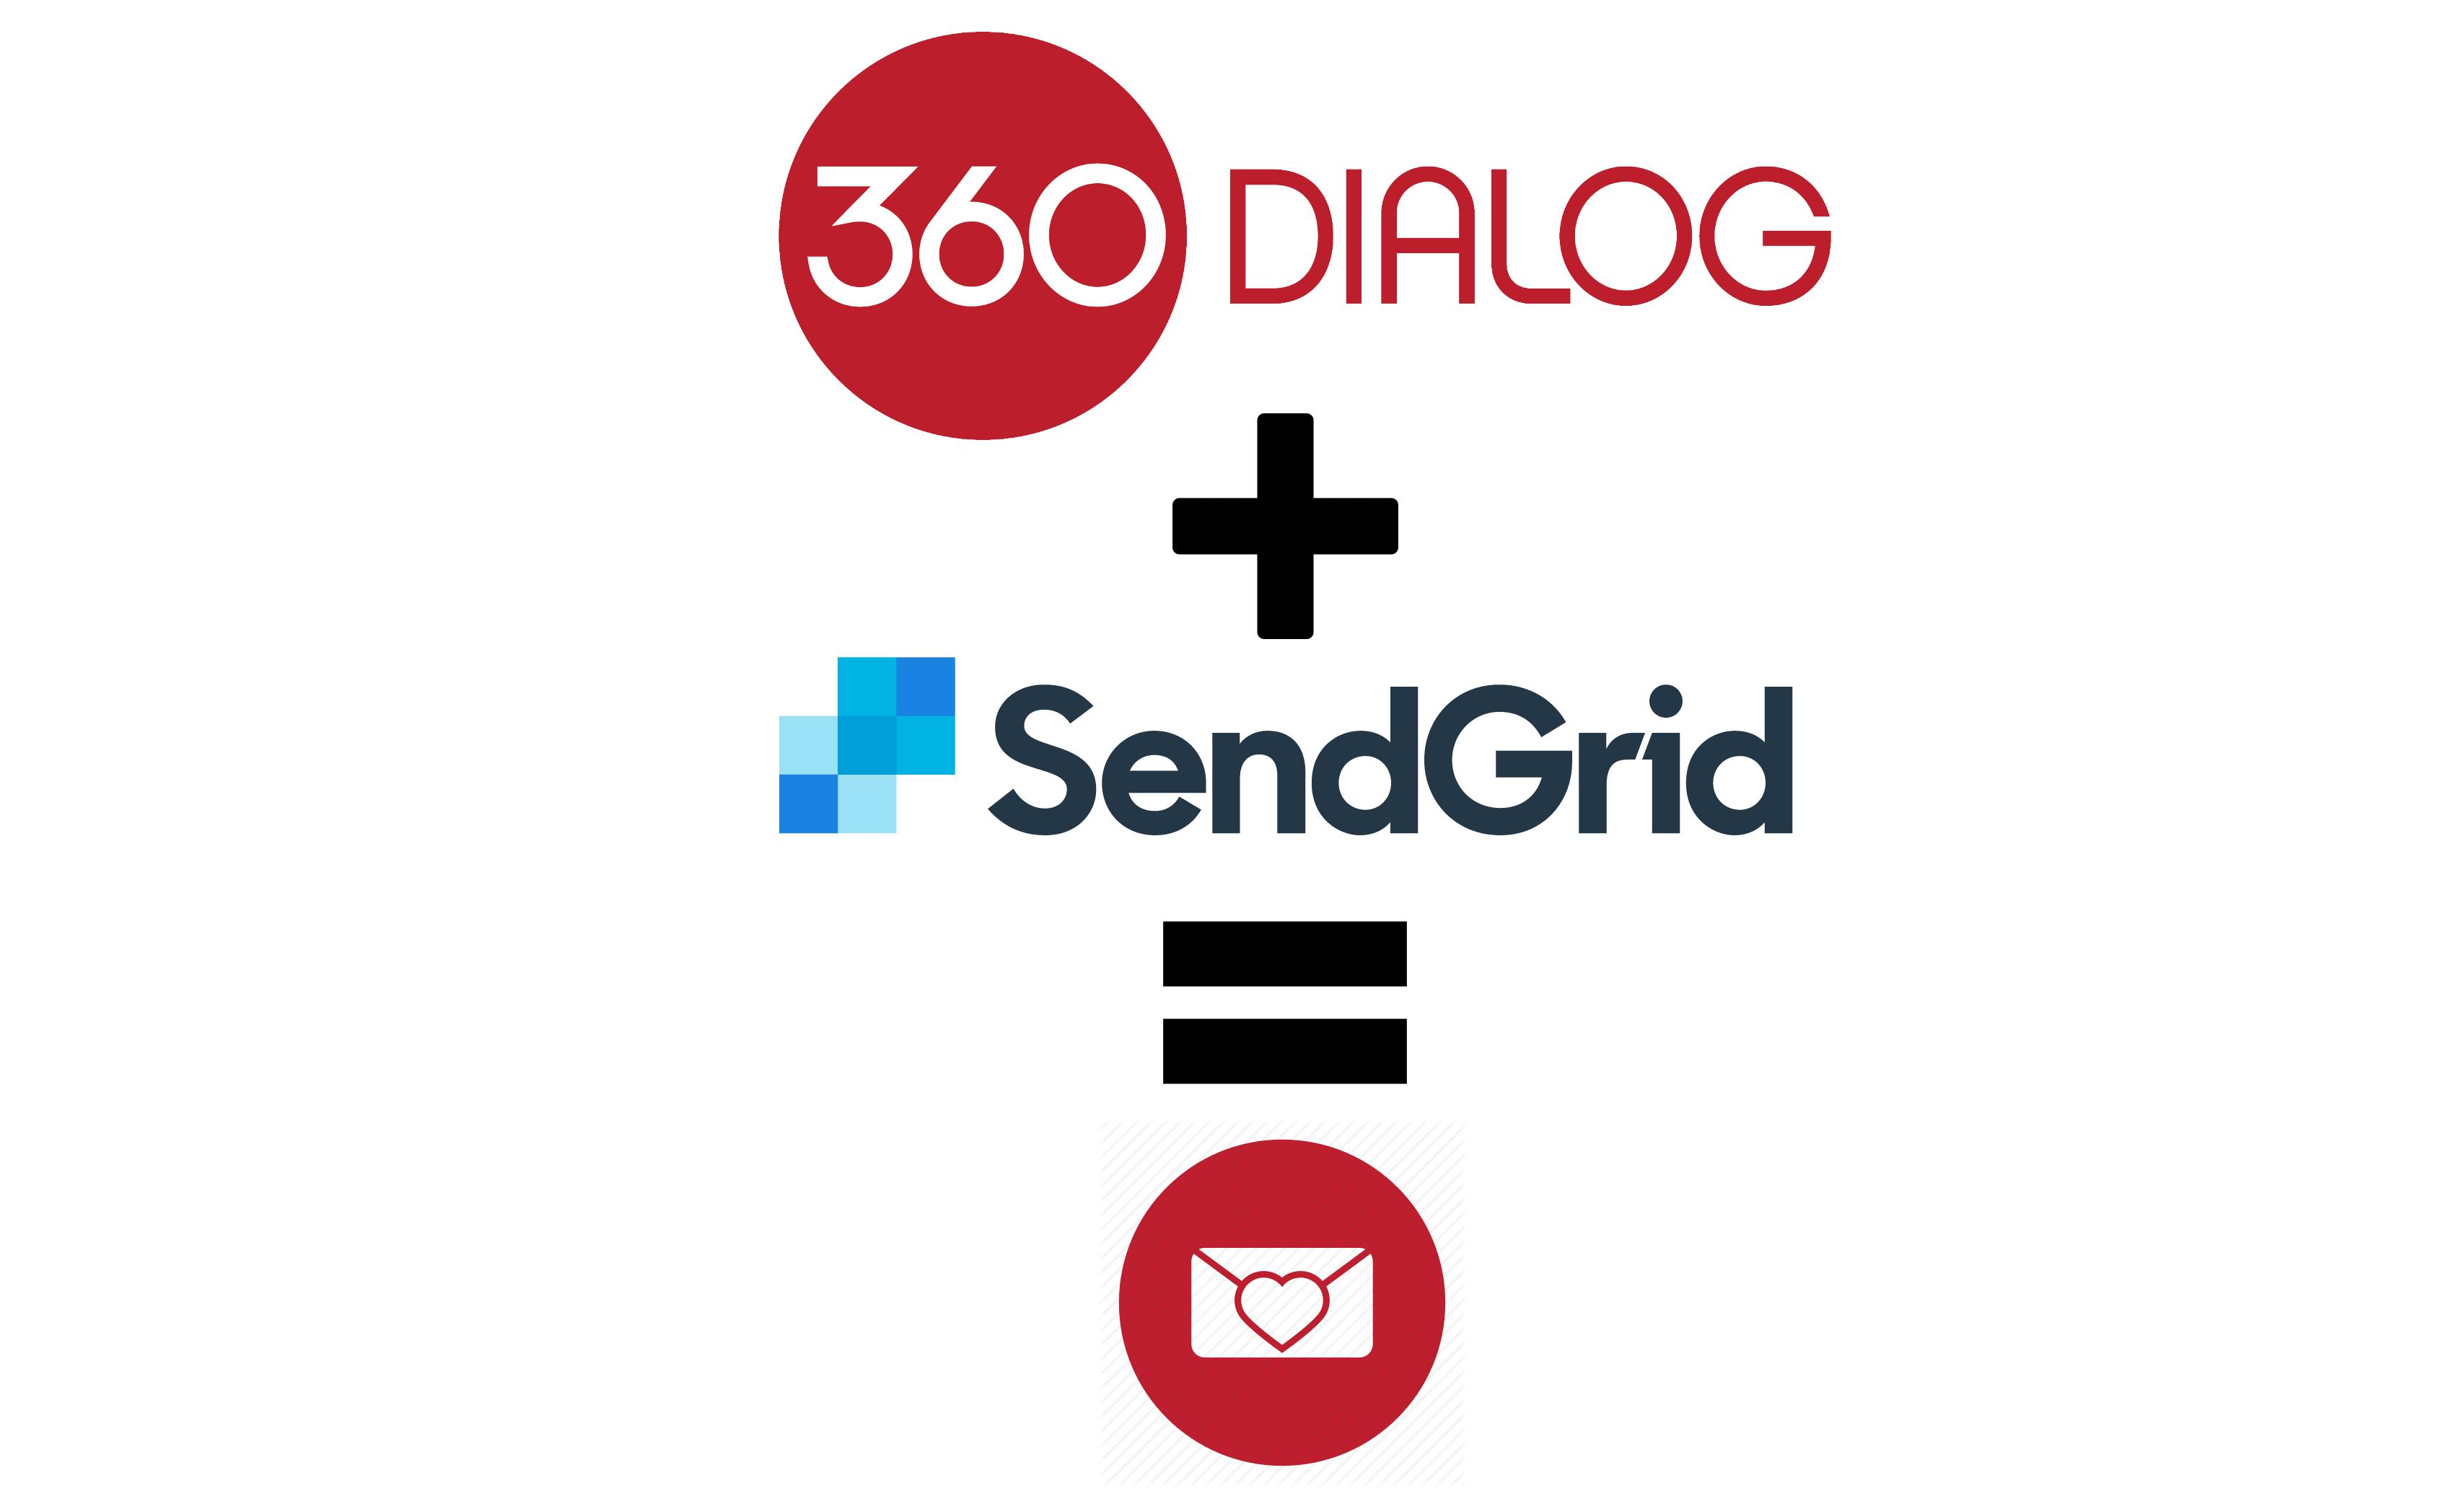 Trigger emails via SendGrid